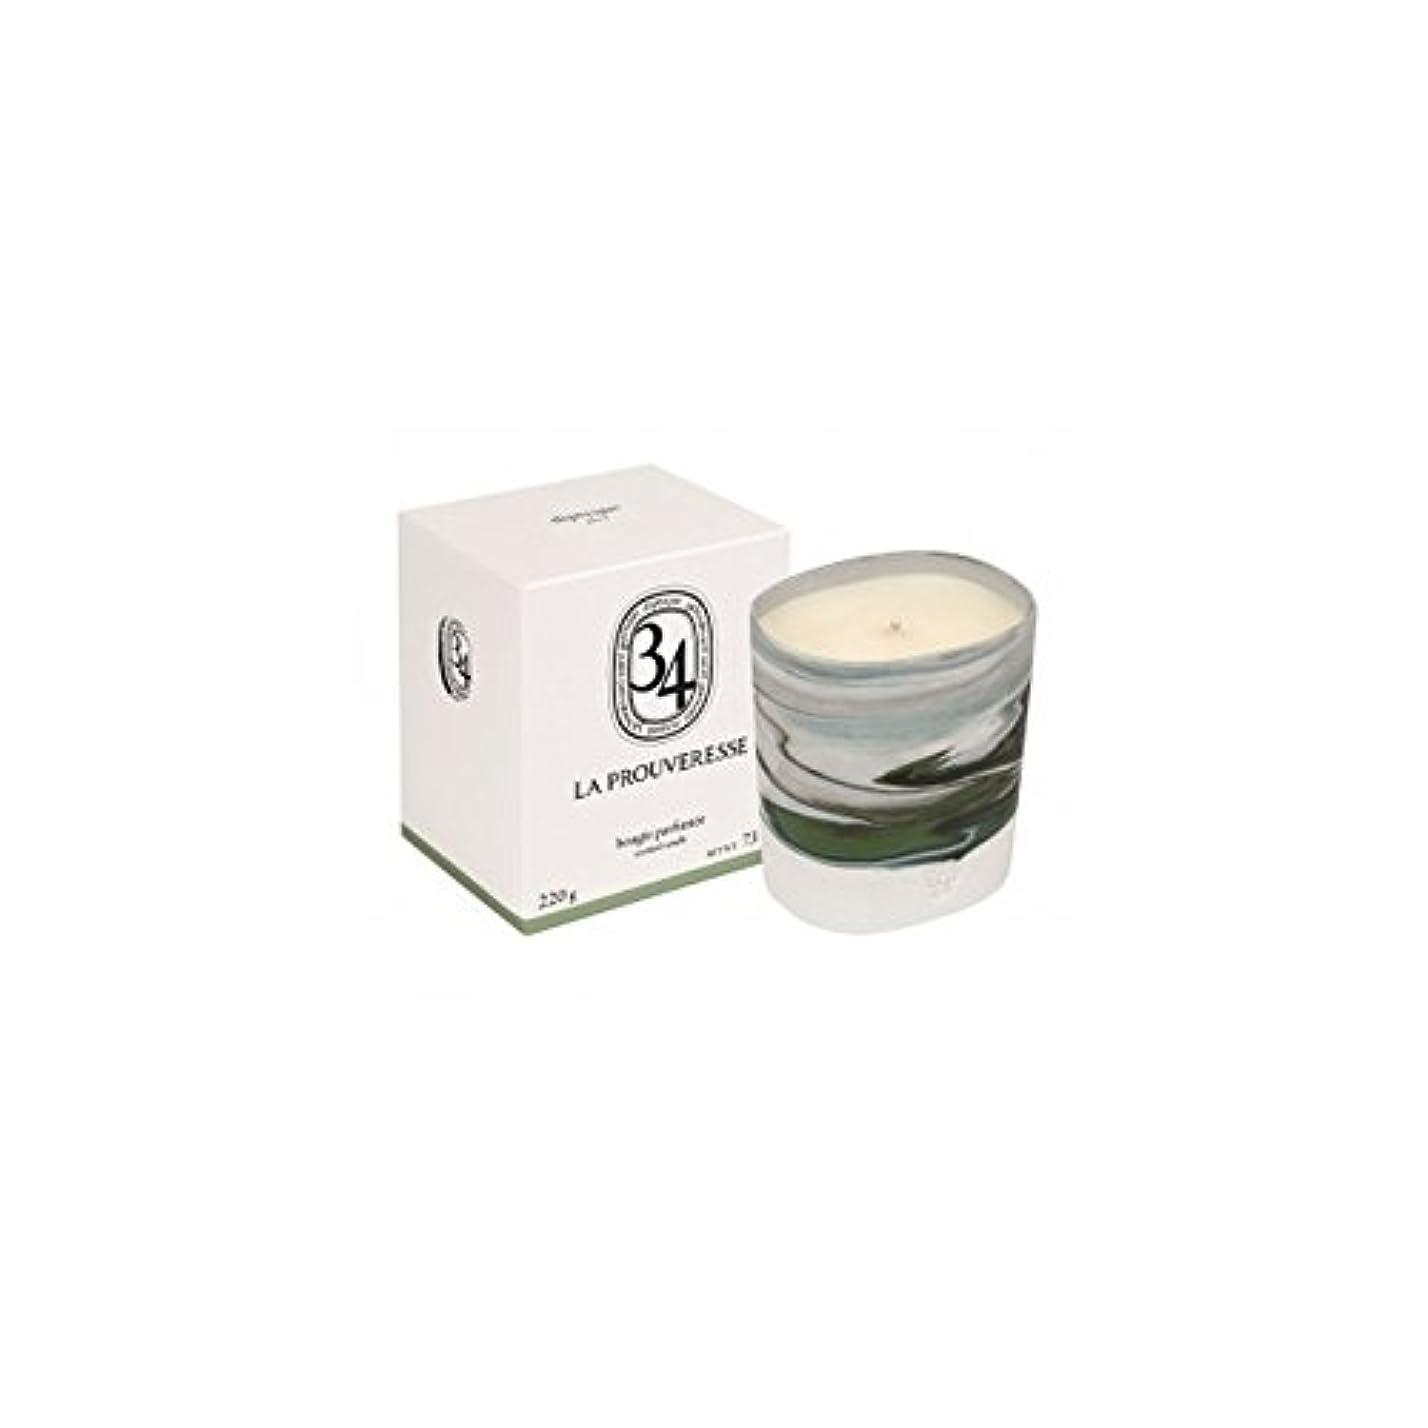 モルヒネ岩親密なDiptyque Collection 34 La Prouveresse Scented Candle 220g (Pack of 2) - ラProuveresse Diptyqueコレクション34香りのキャンドル220...